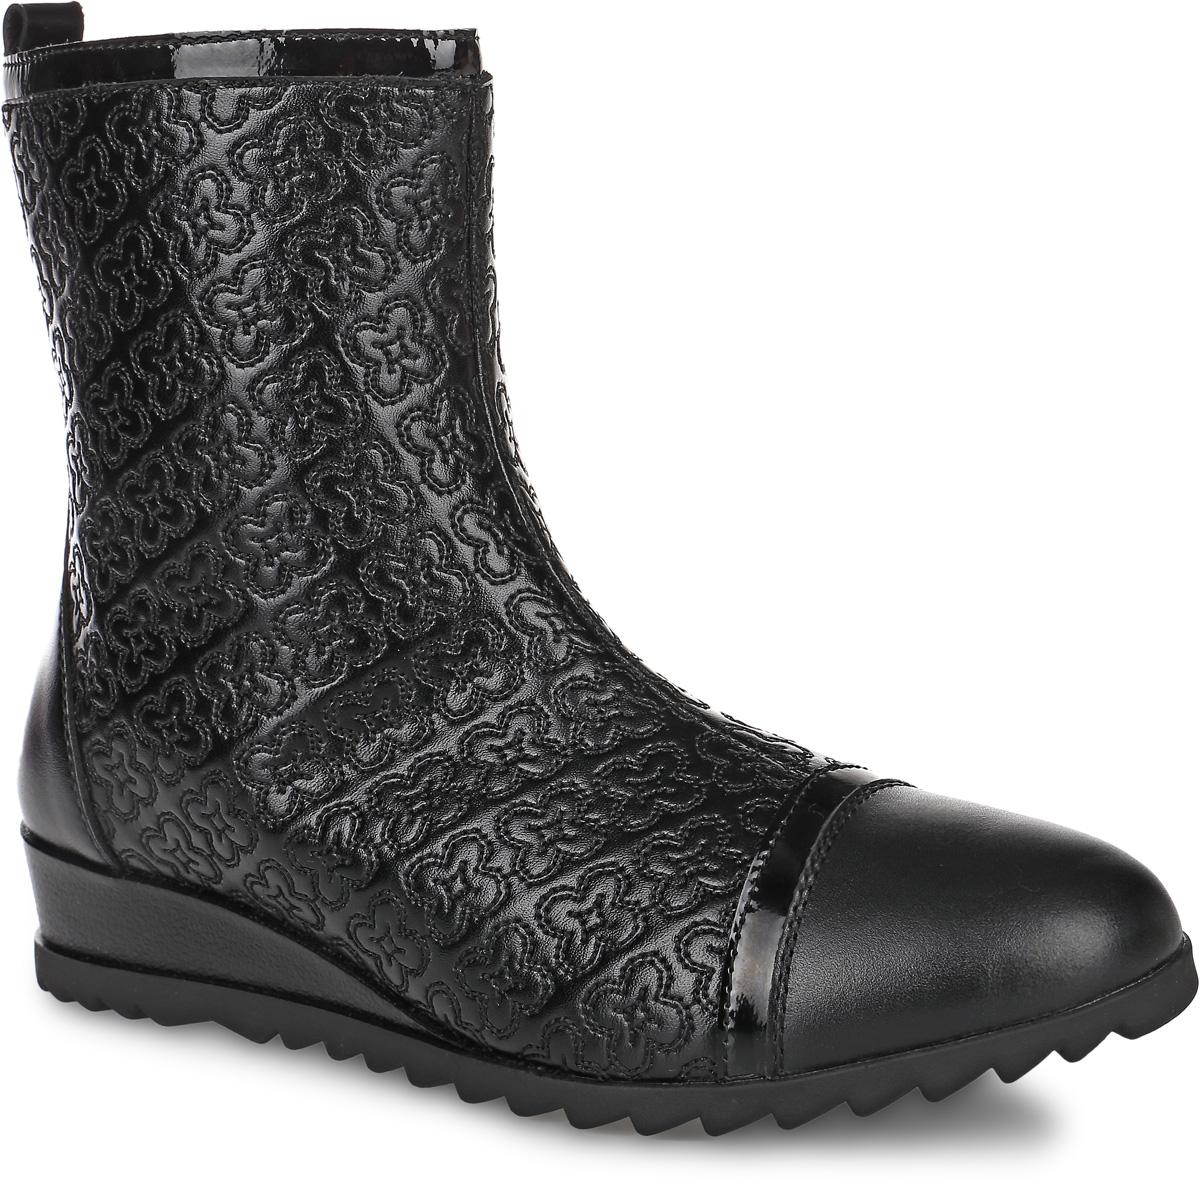 64137шк-1Полусапоги от Kapika придутся по душе вашей девочке. Модель выполнена из натуральной кожи, оформленной узорной прострочкой, мыс декорирован лаковой полоской. Изделие на застежке-молнии, что позволит отлично зафиксировать обувь на ноге и облегчит процесс надевания. Подкладка и стелька изготовлены из натуральной шерсти, что позволяет сохранить тепло и гарантирует уют ногам. Подошва с рифлением обеспечивает идеальное сцепление с любыми поверхностями. Такие чудесные полусапоги займут достойное место в гардеробе вашего ребенка.